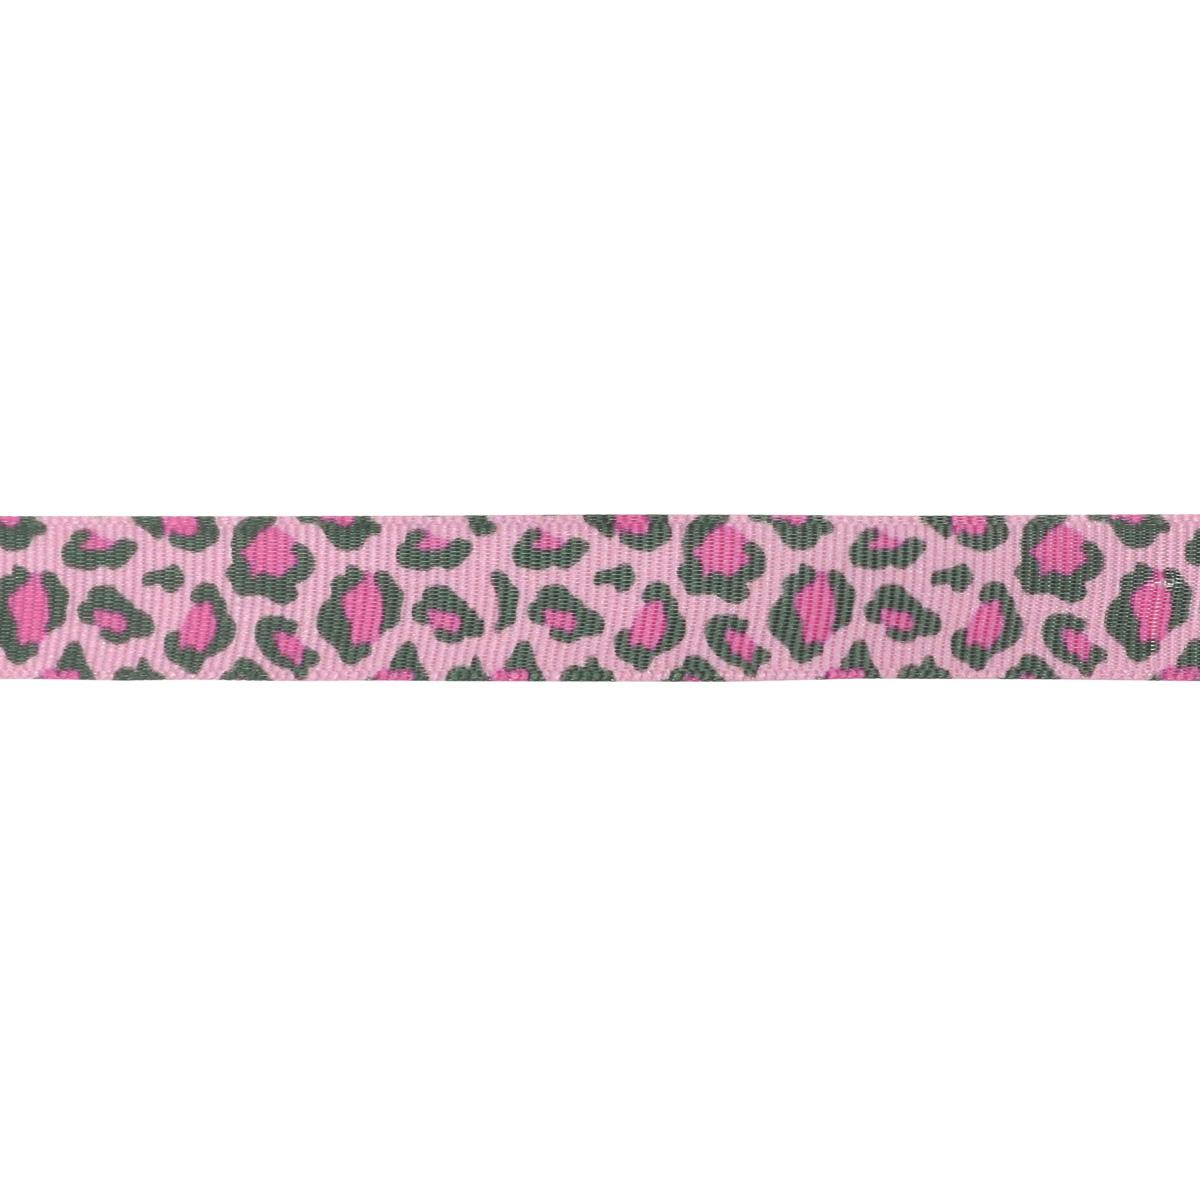 Лента отделочная 'Леопардовый принт' 20мм*10м